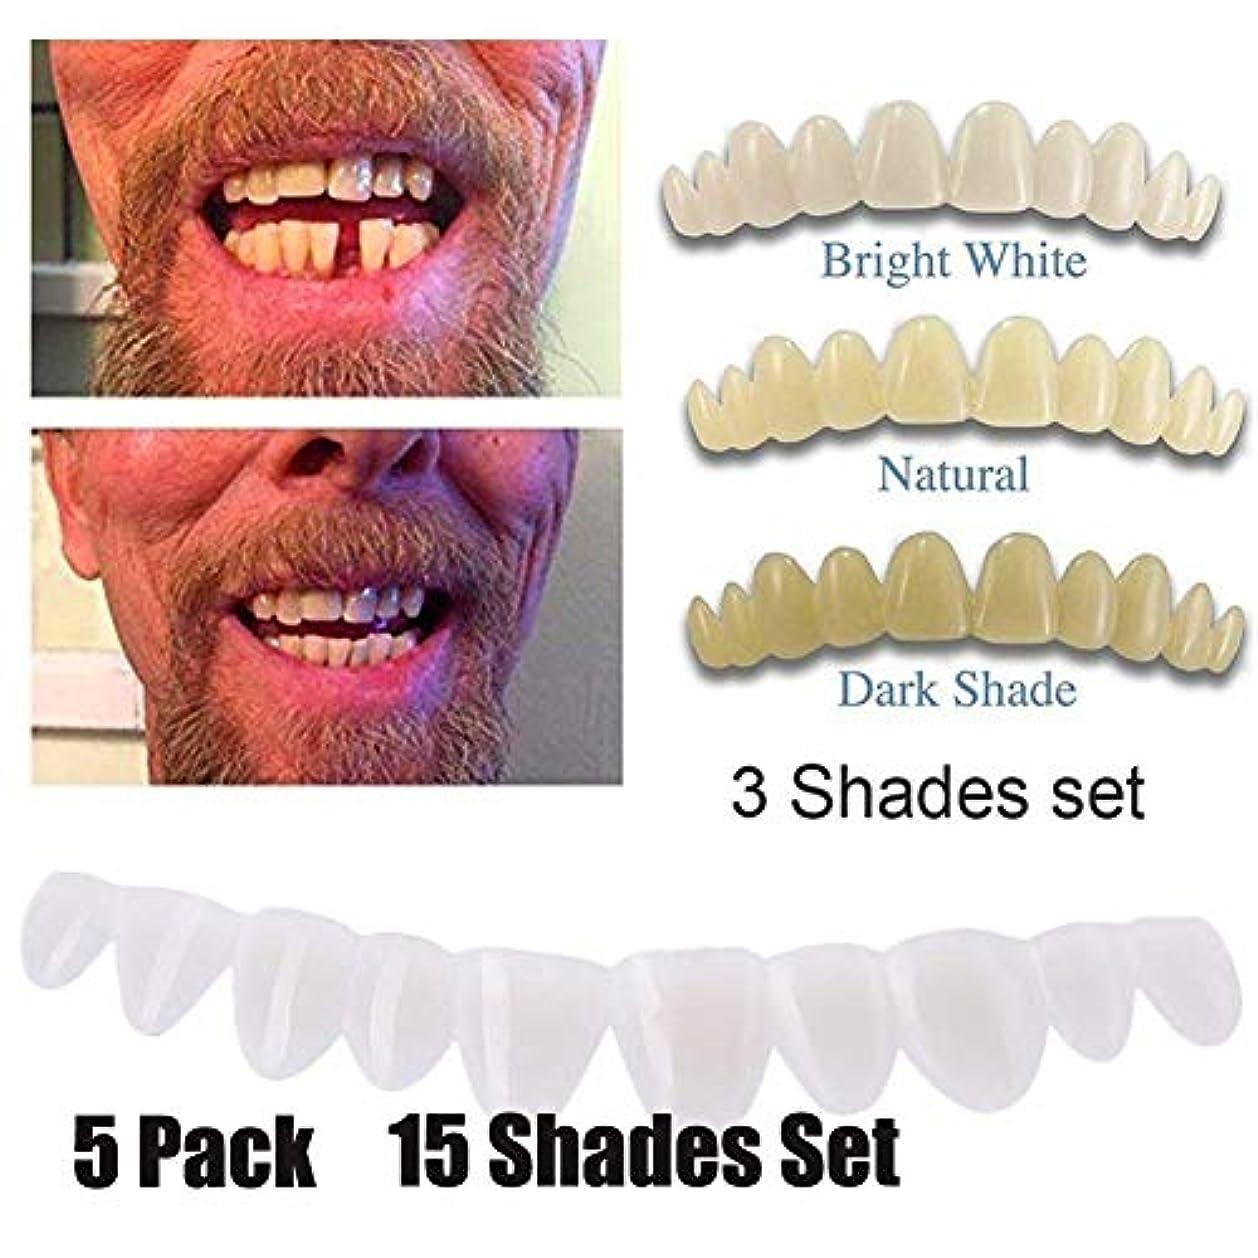 極めて重要な妻識字5パックインスタントスマイルテンポラリートゥースキット3色付き欠けているか壊れている歯の修正が数分以内にあなたの笑顔を直します